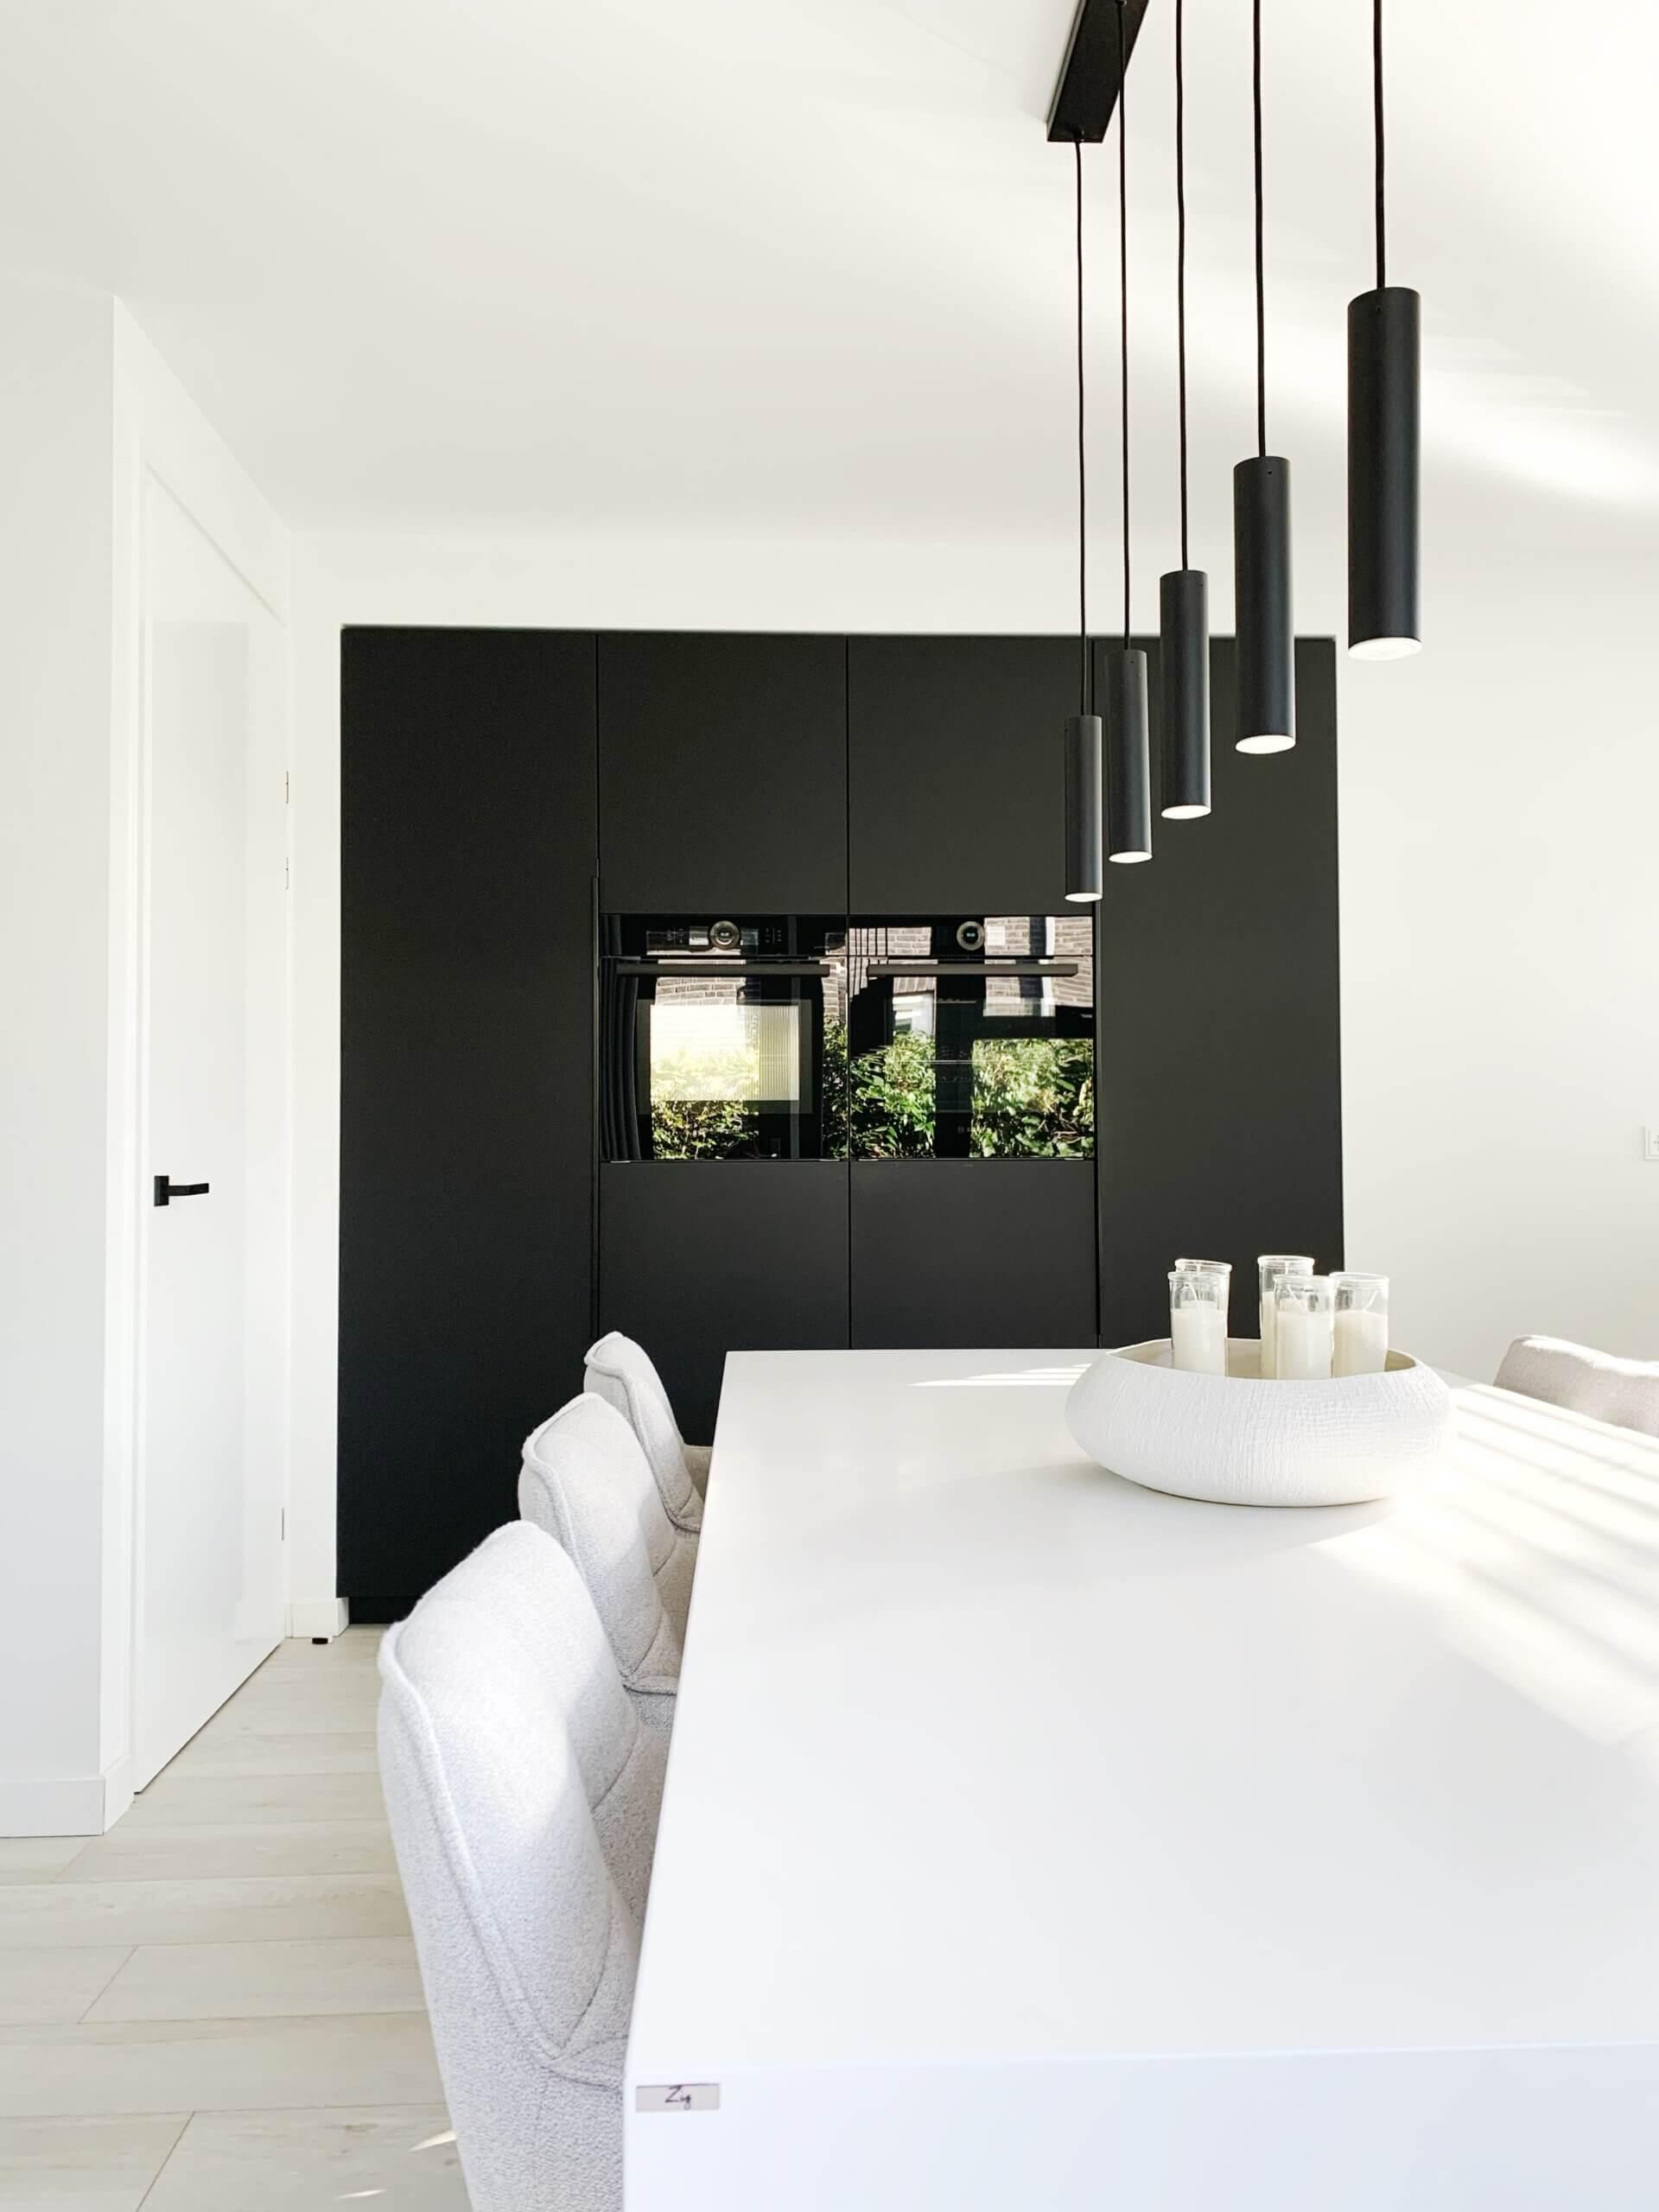 slimme verlichting Philips hue keuken